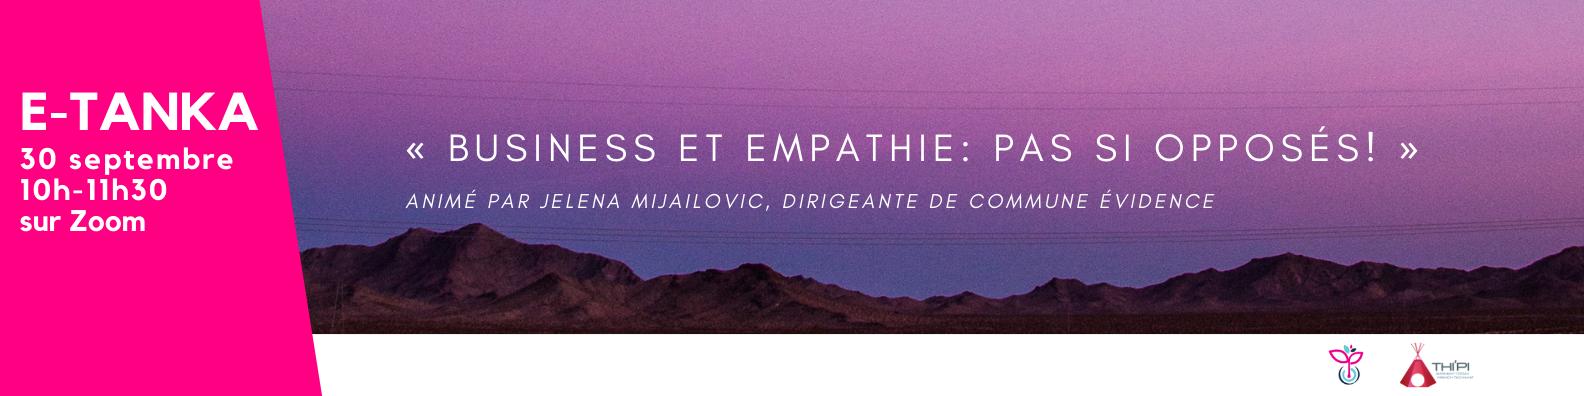 Webinaire empathie dans l'entreprise